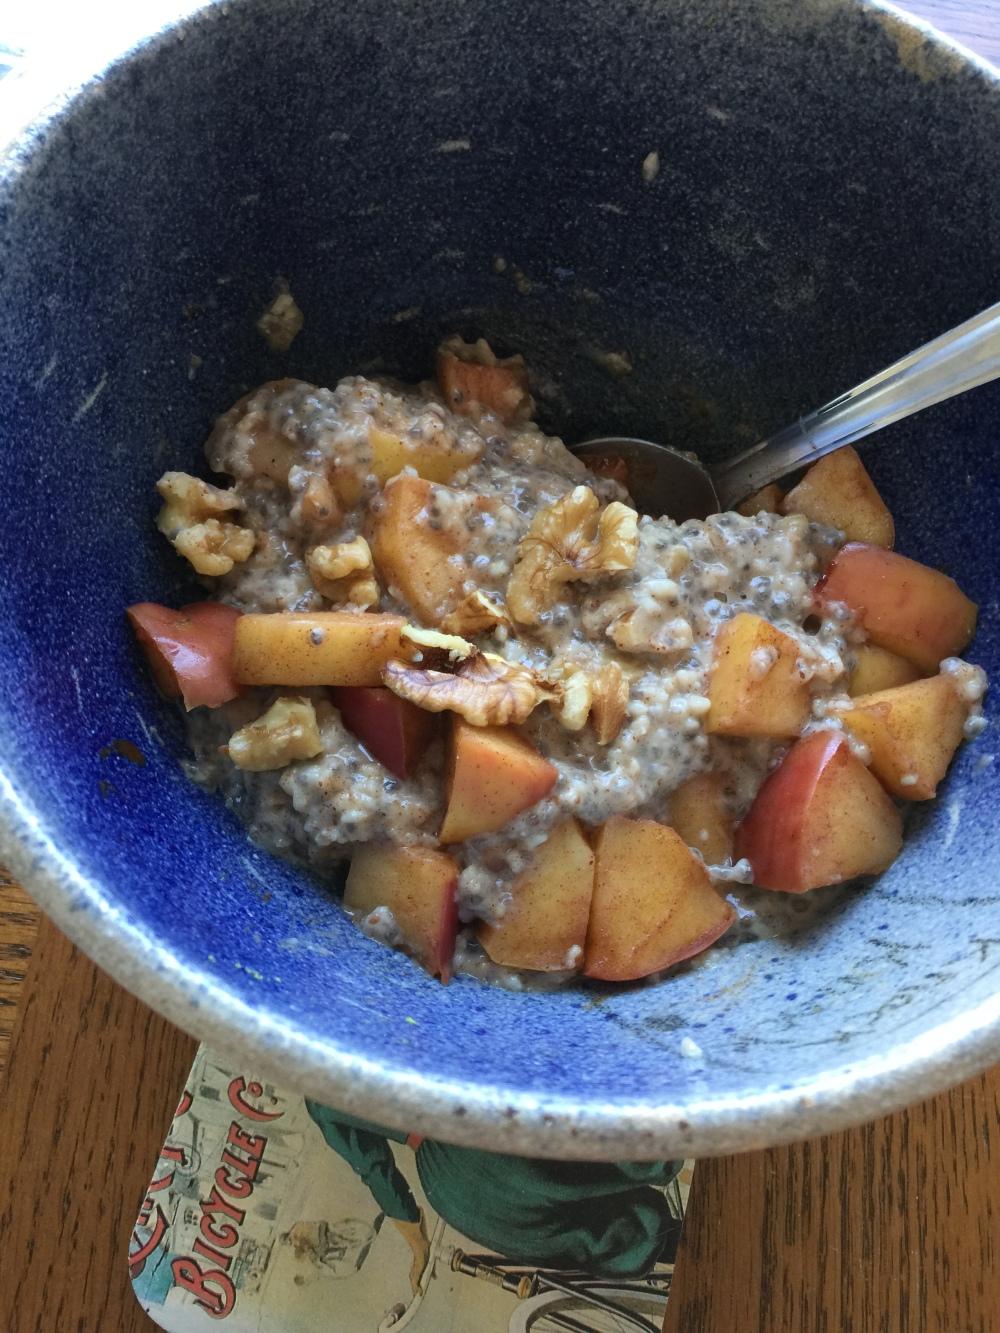 oatsnuts&baked apples